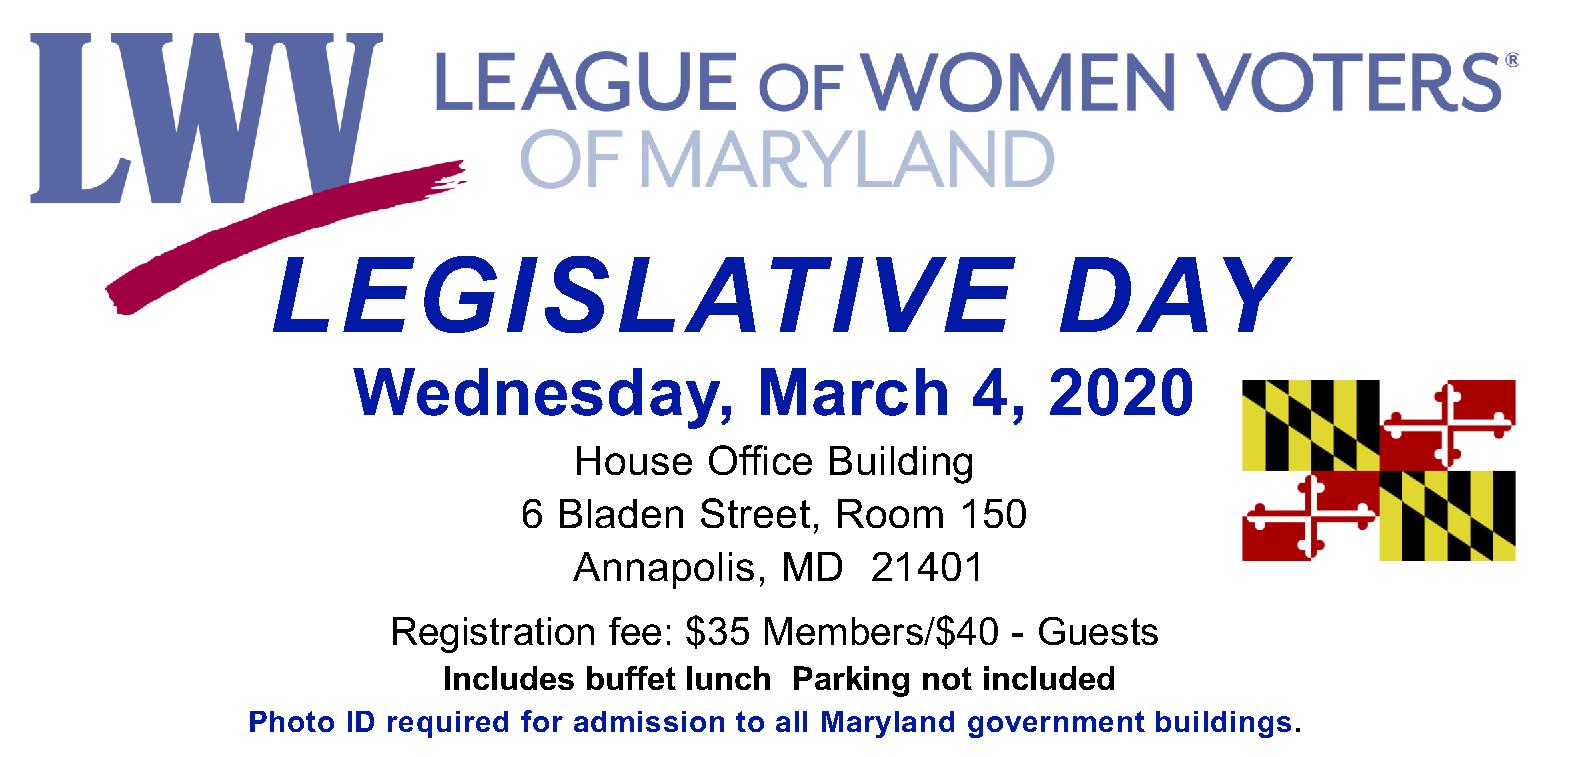 Legislative_Day_2020-2-1.png